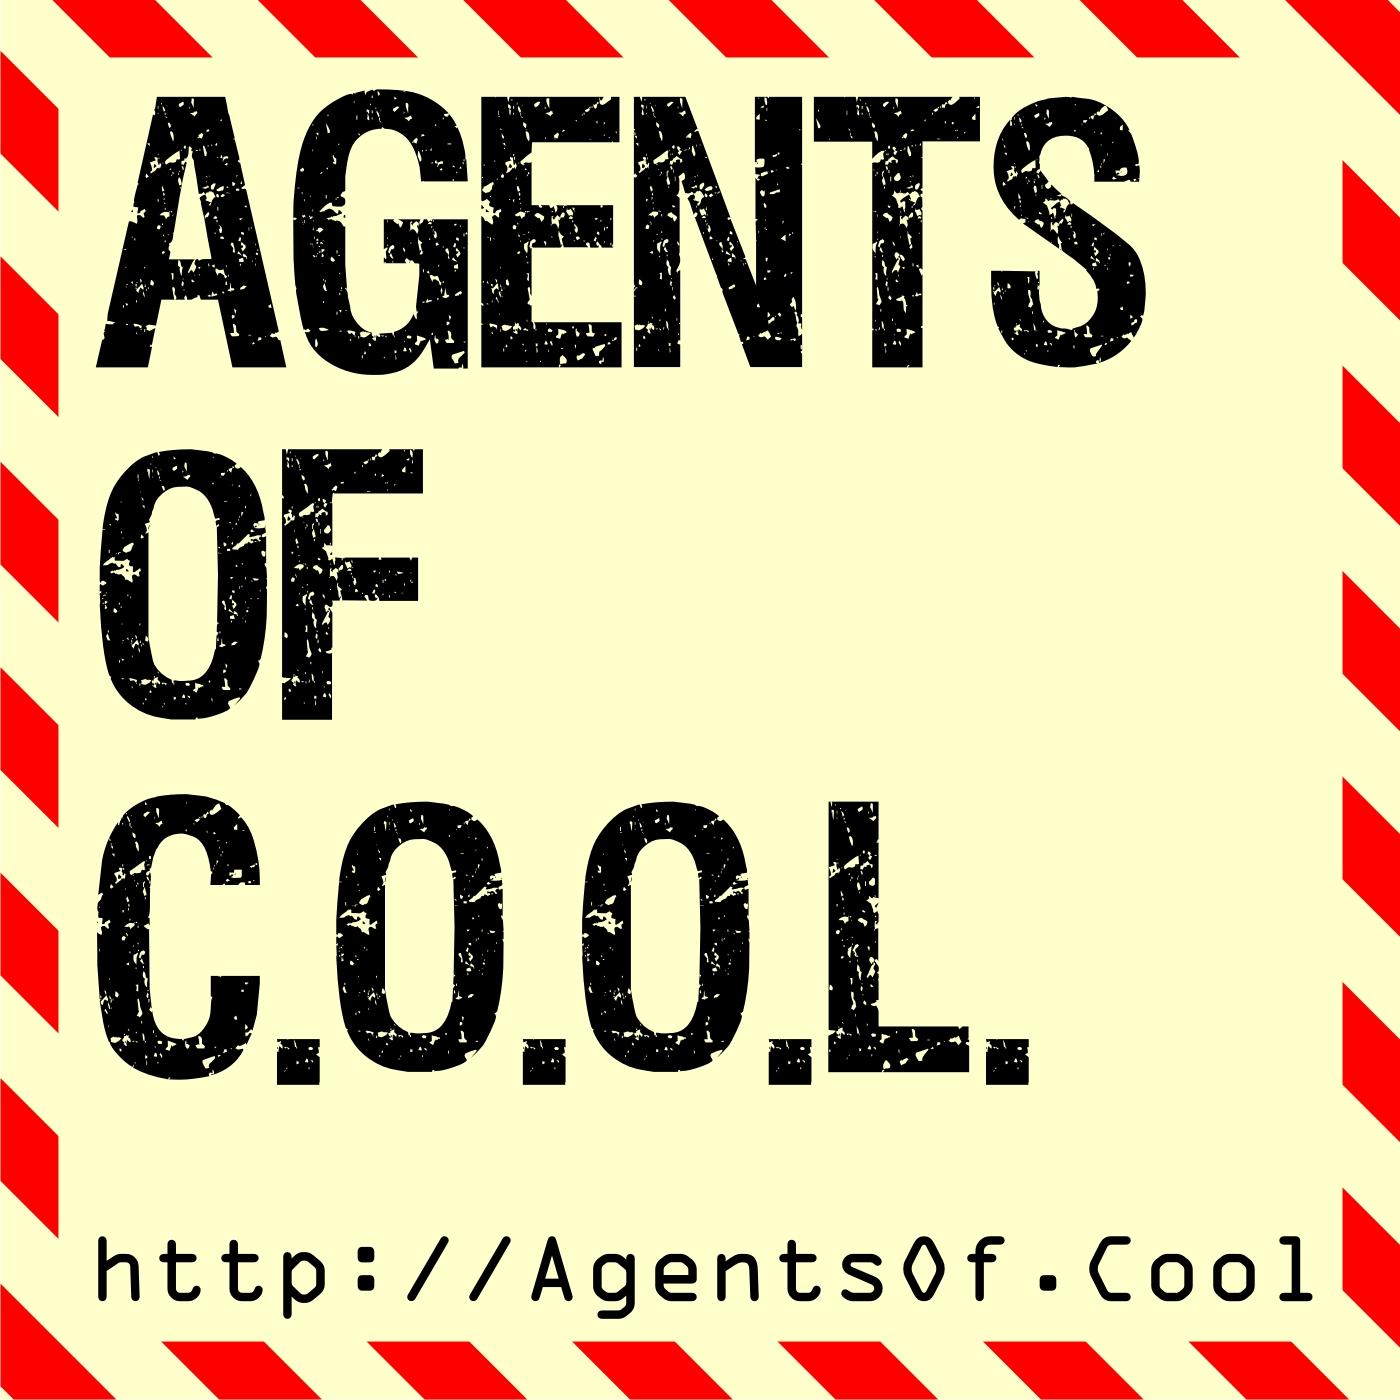 Agents of C.O.O.L.